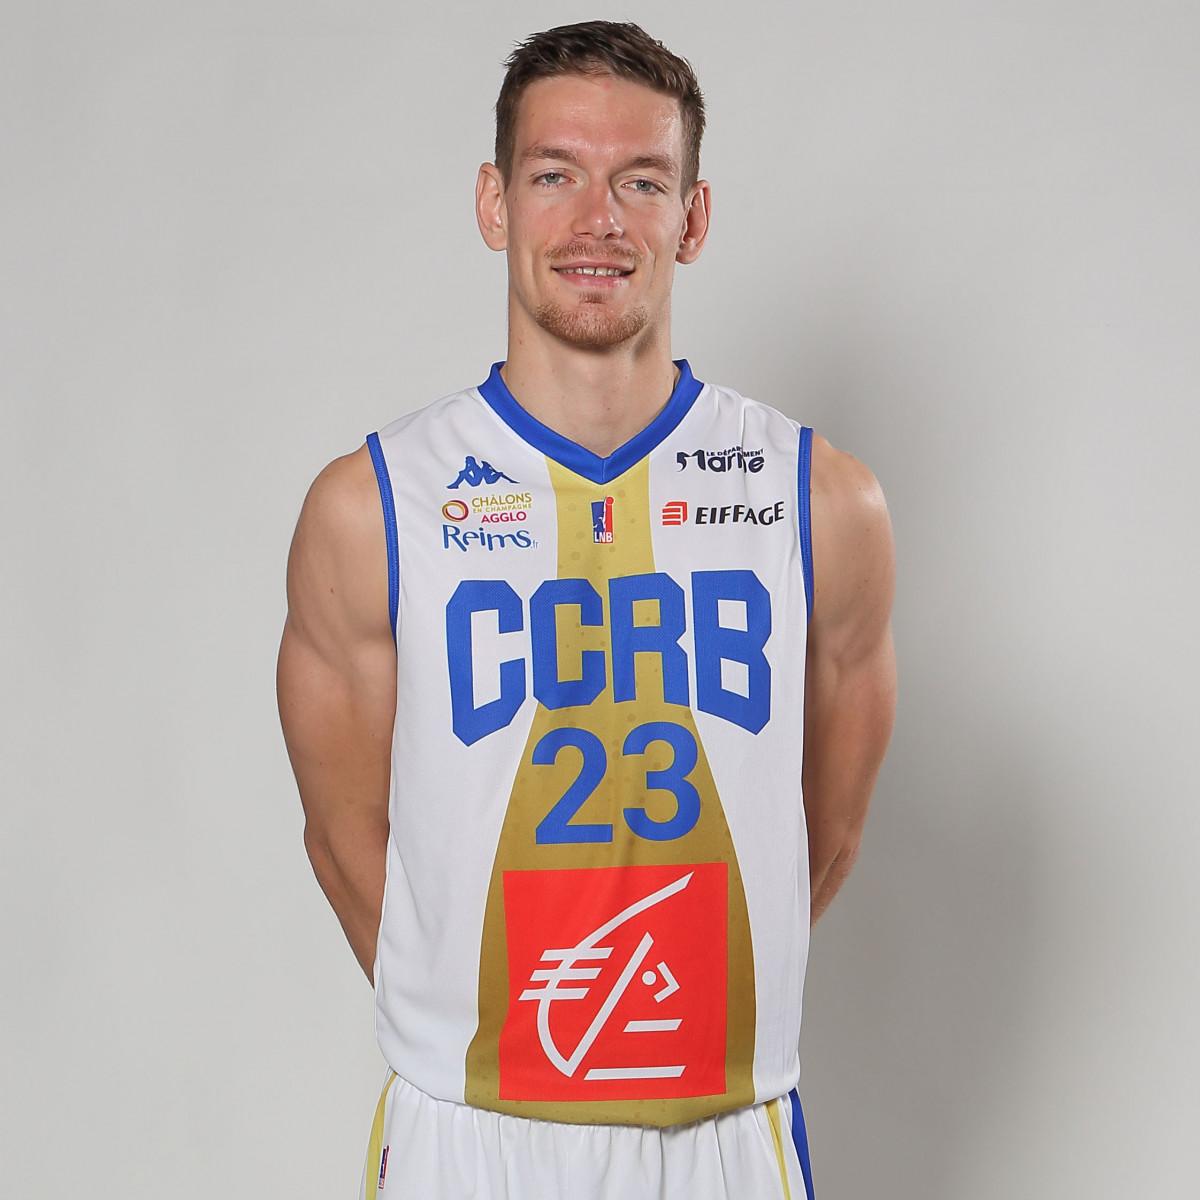 Photo of Jean-Baptiste Maille, 2019-2020 season